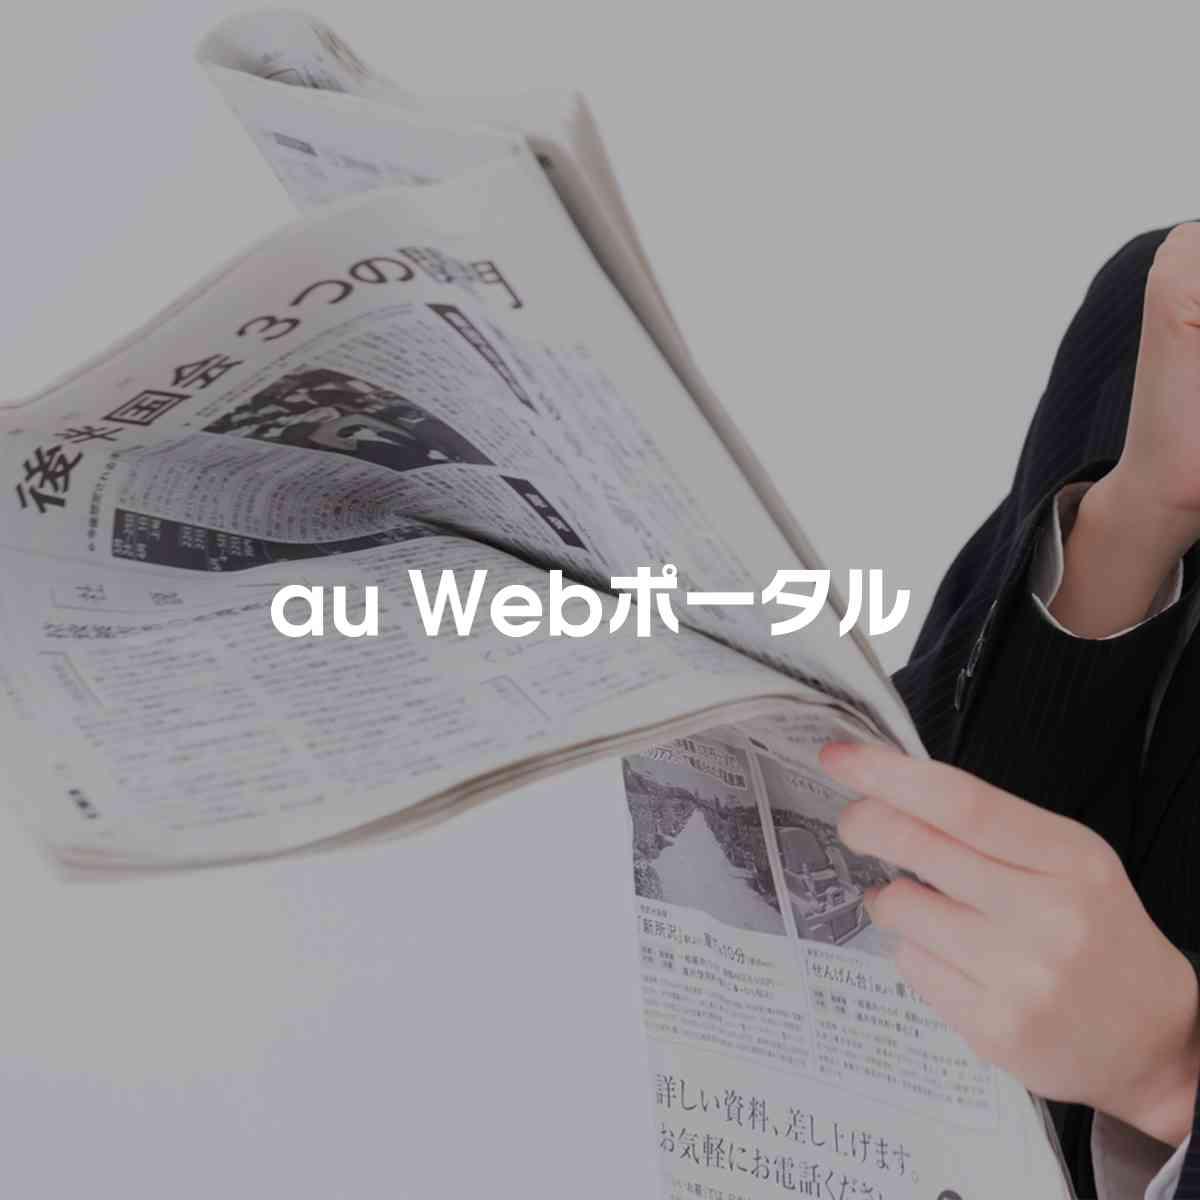 中1男女殺害2年 被告未だ黙秘 - au Webポータル